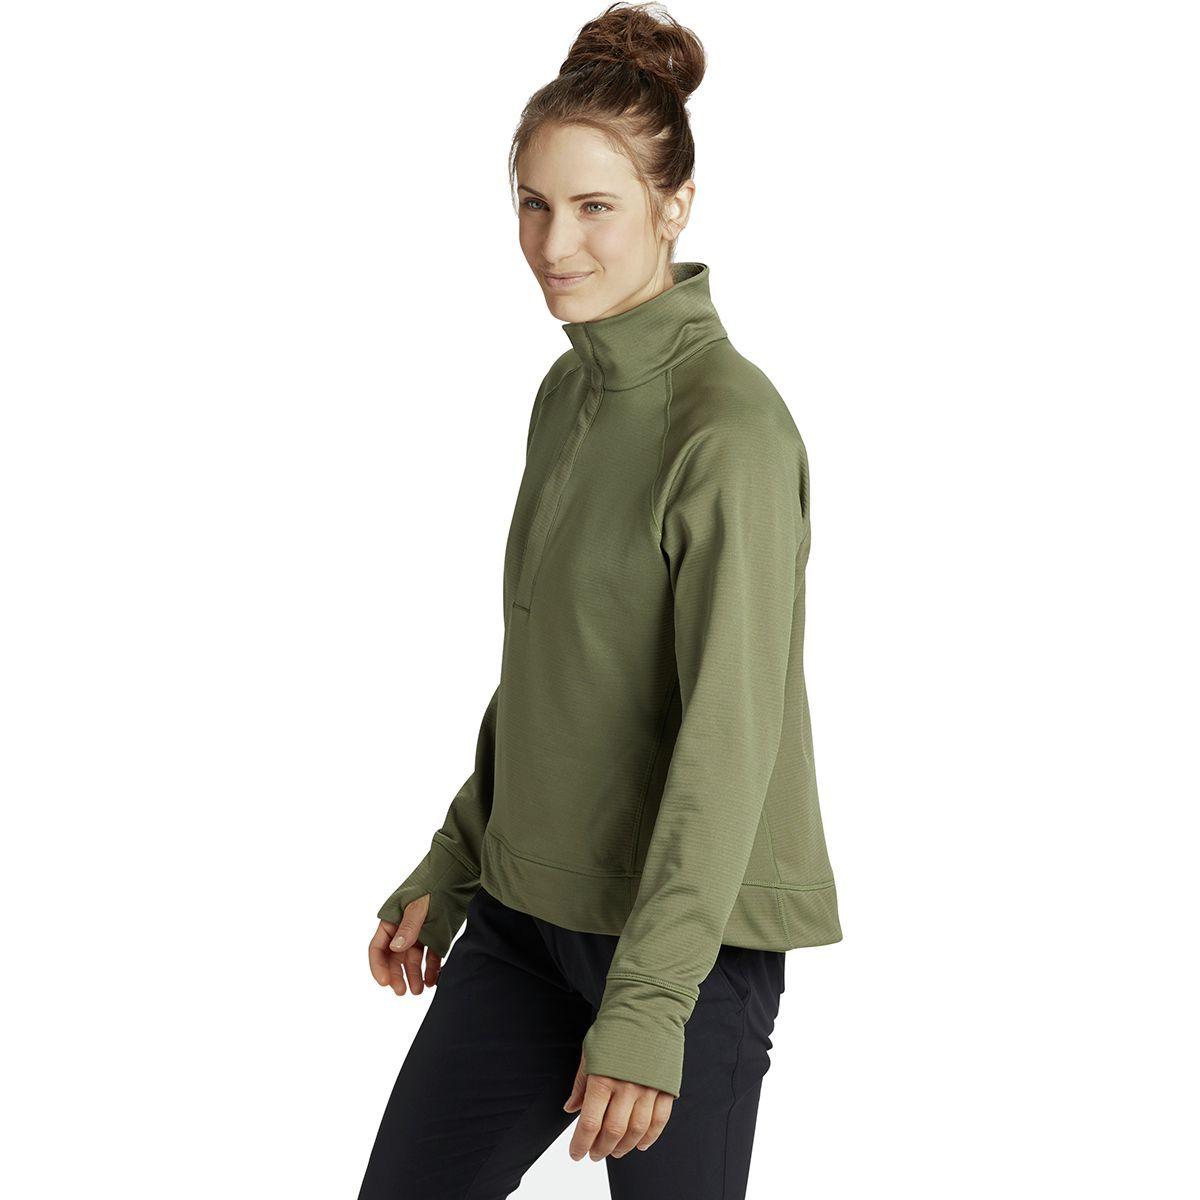 Mountain Hardwear Norse Peak Pullover Fleece - Women's